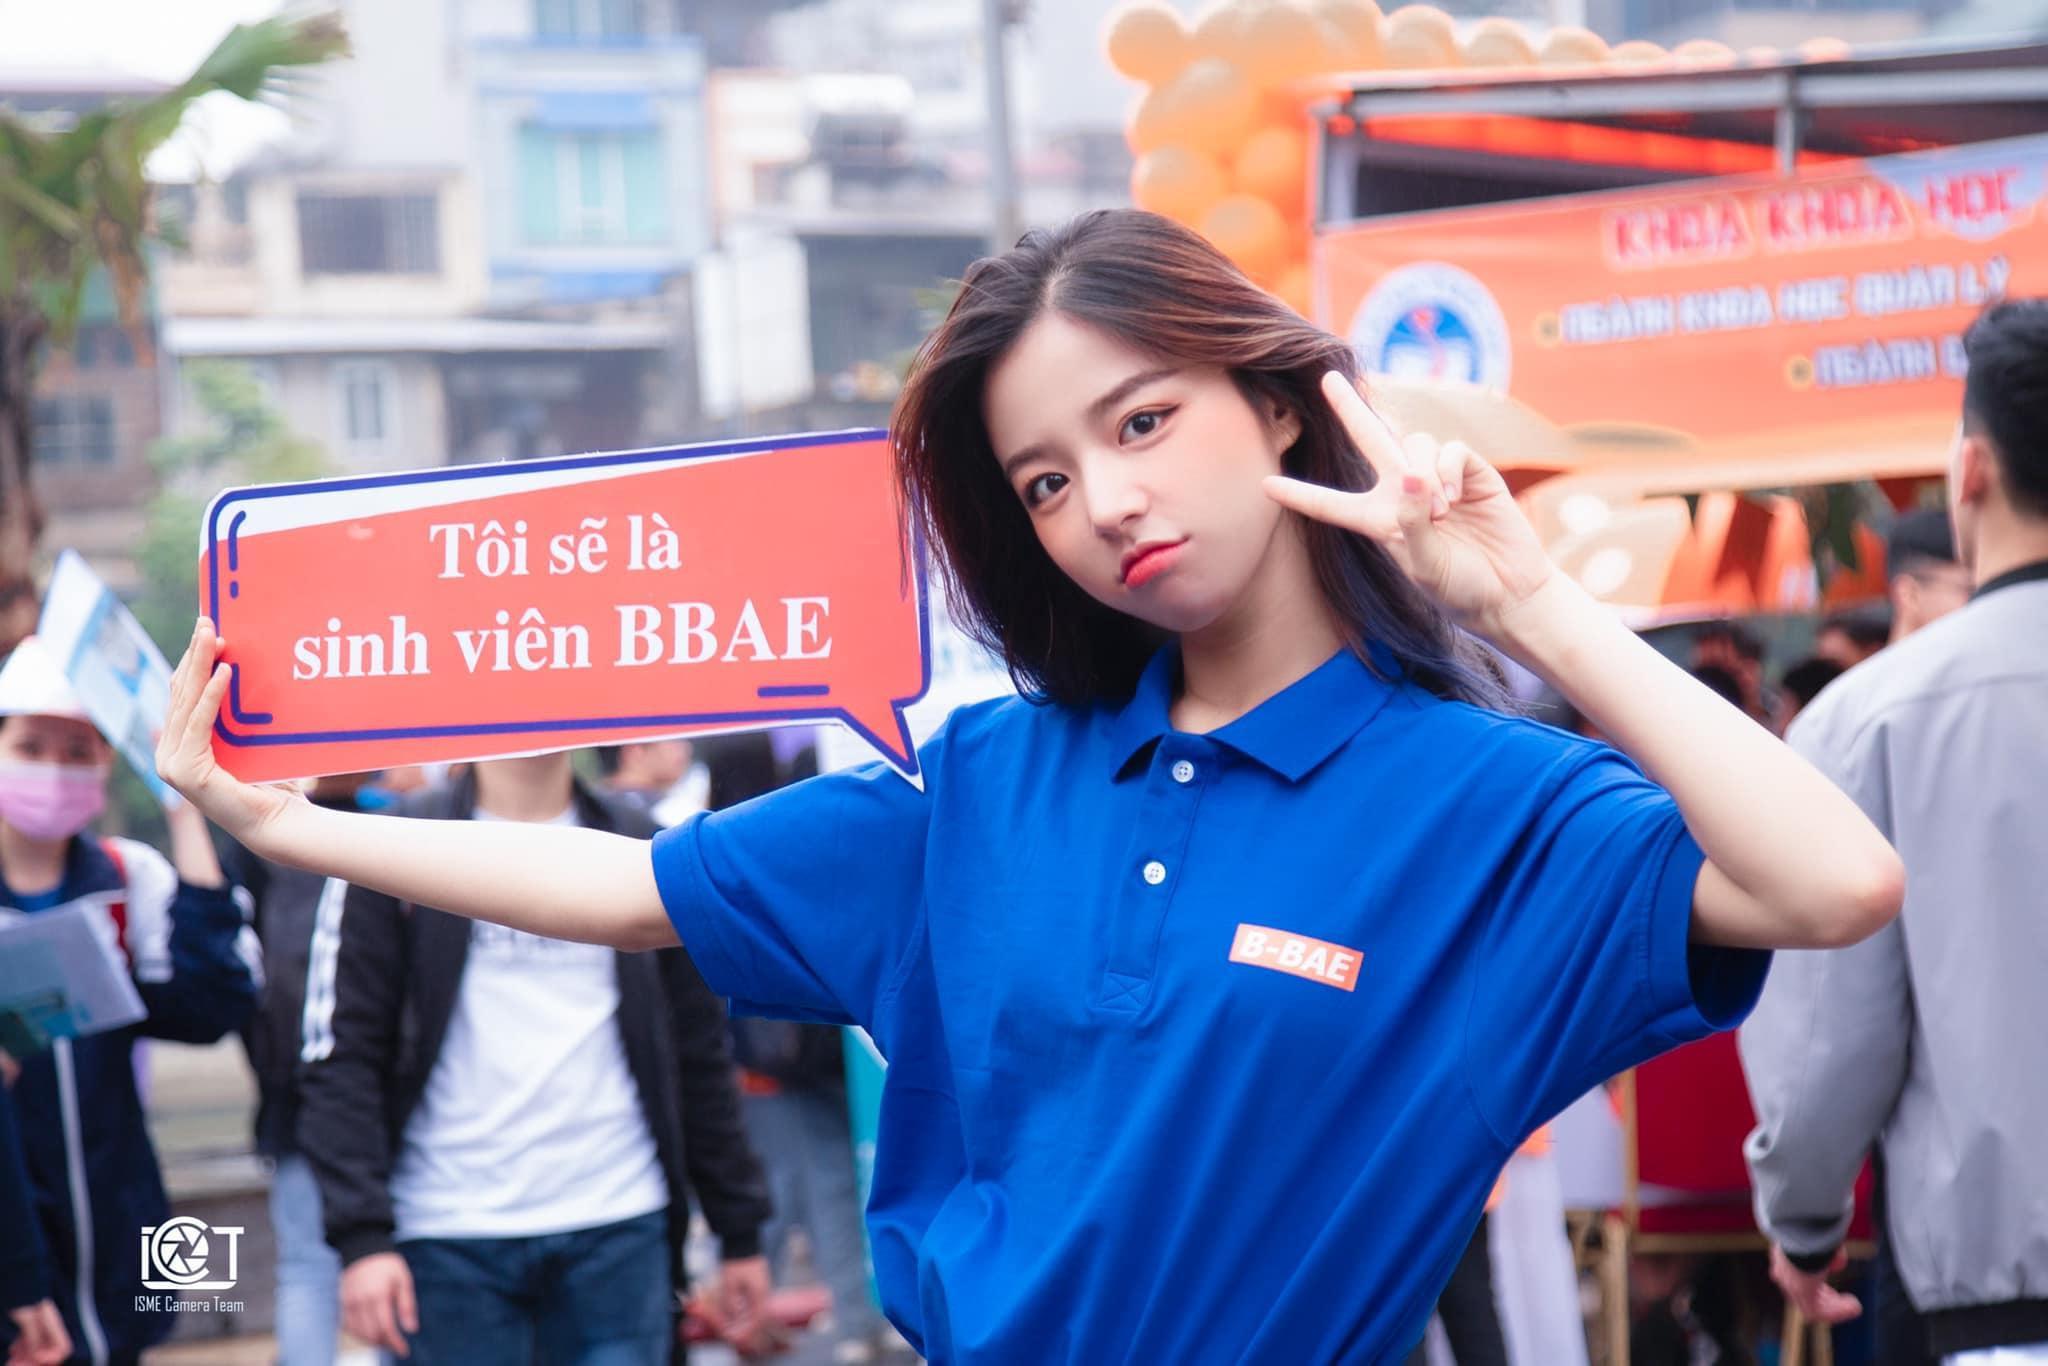 Nữ sinh đại học Kinh tế Quốc dân nổi bật trong ngày hội tuyển sinh - Hình 1